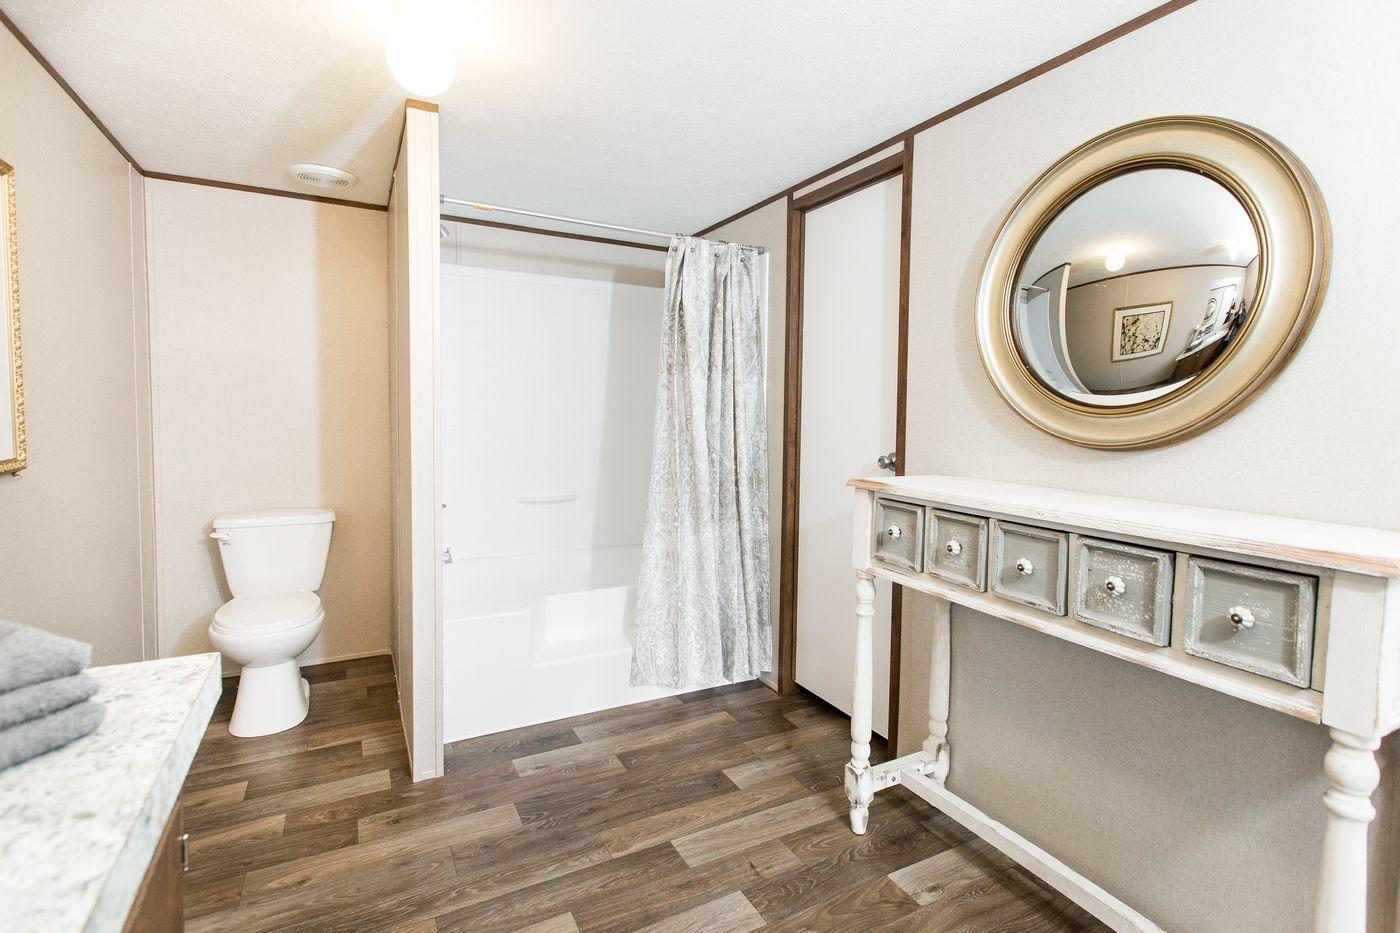 The Pride Bathroom